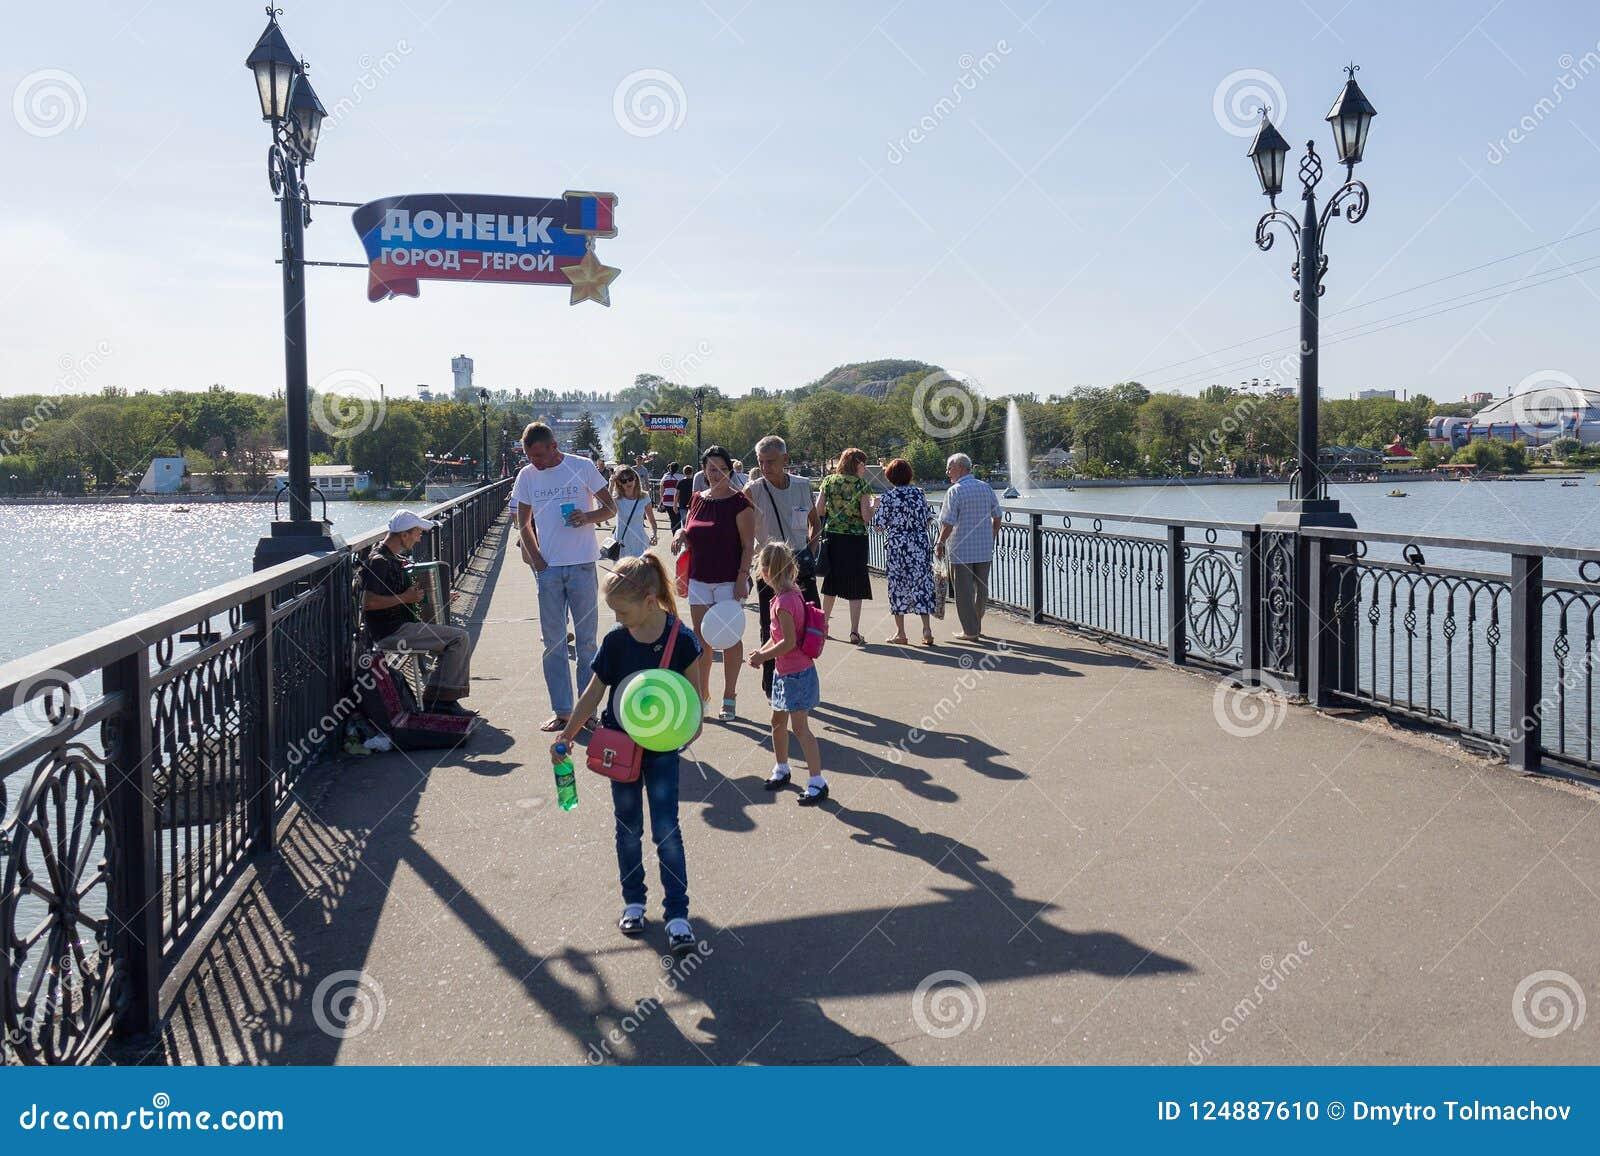 Donetsk, Ukraine - 26 août 2018 : Les gens sur le pont en parc Shcherbakova